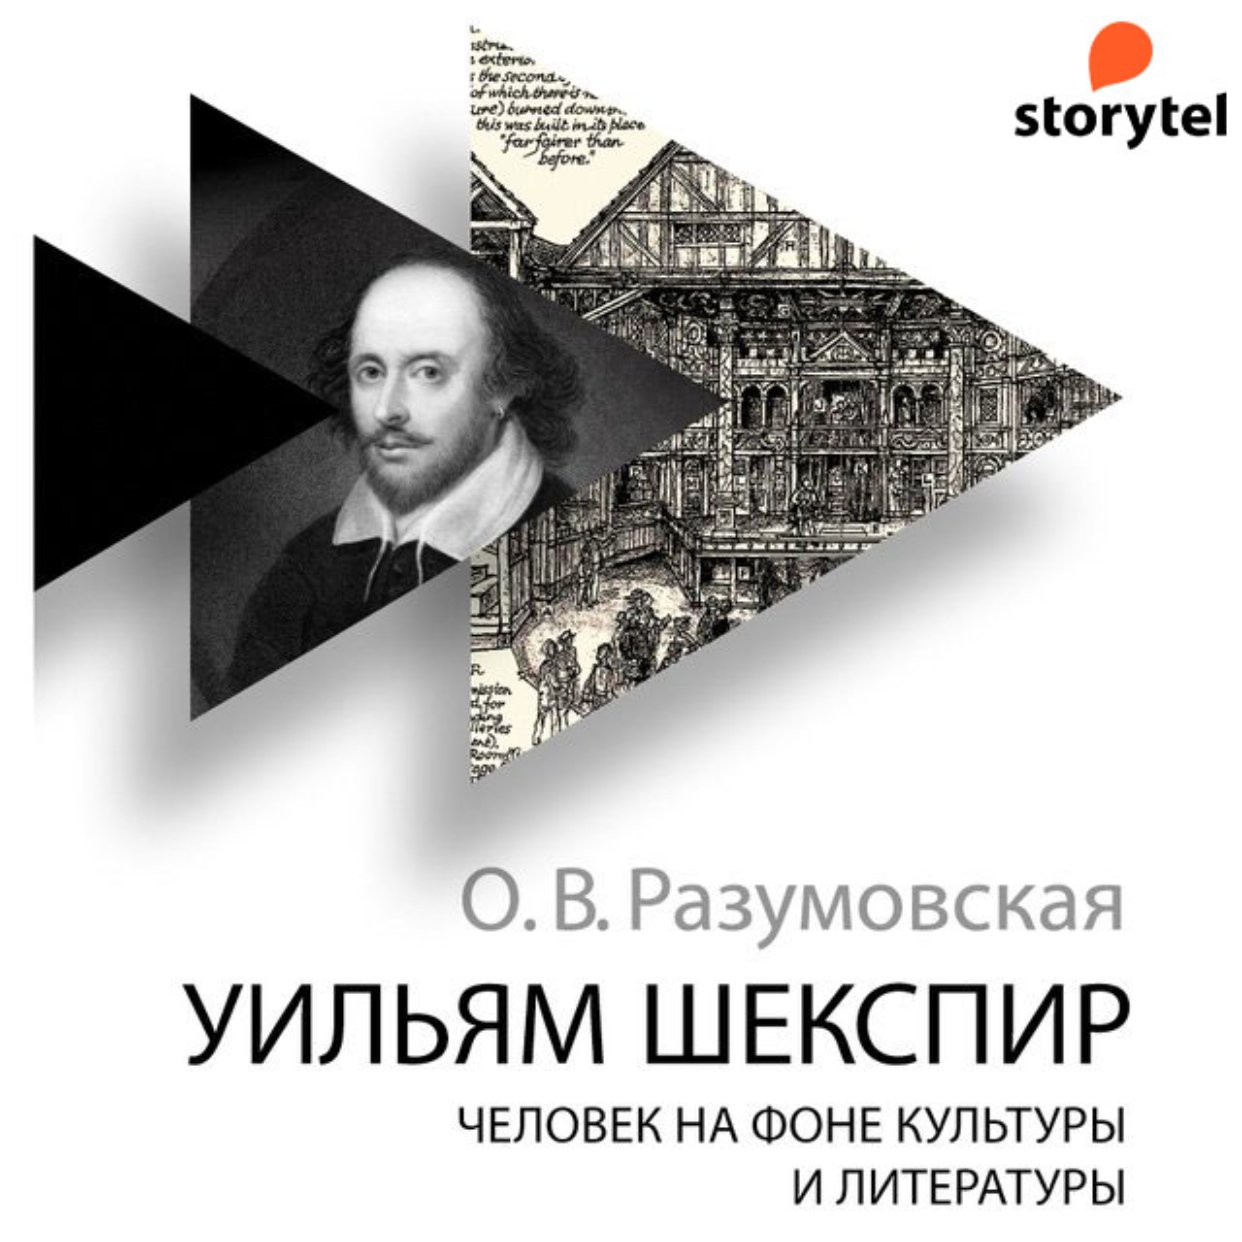 Уильям Шекспир. Человек на фоне культуры и литературы